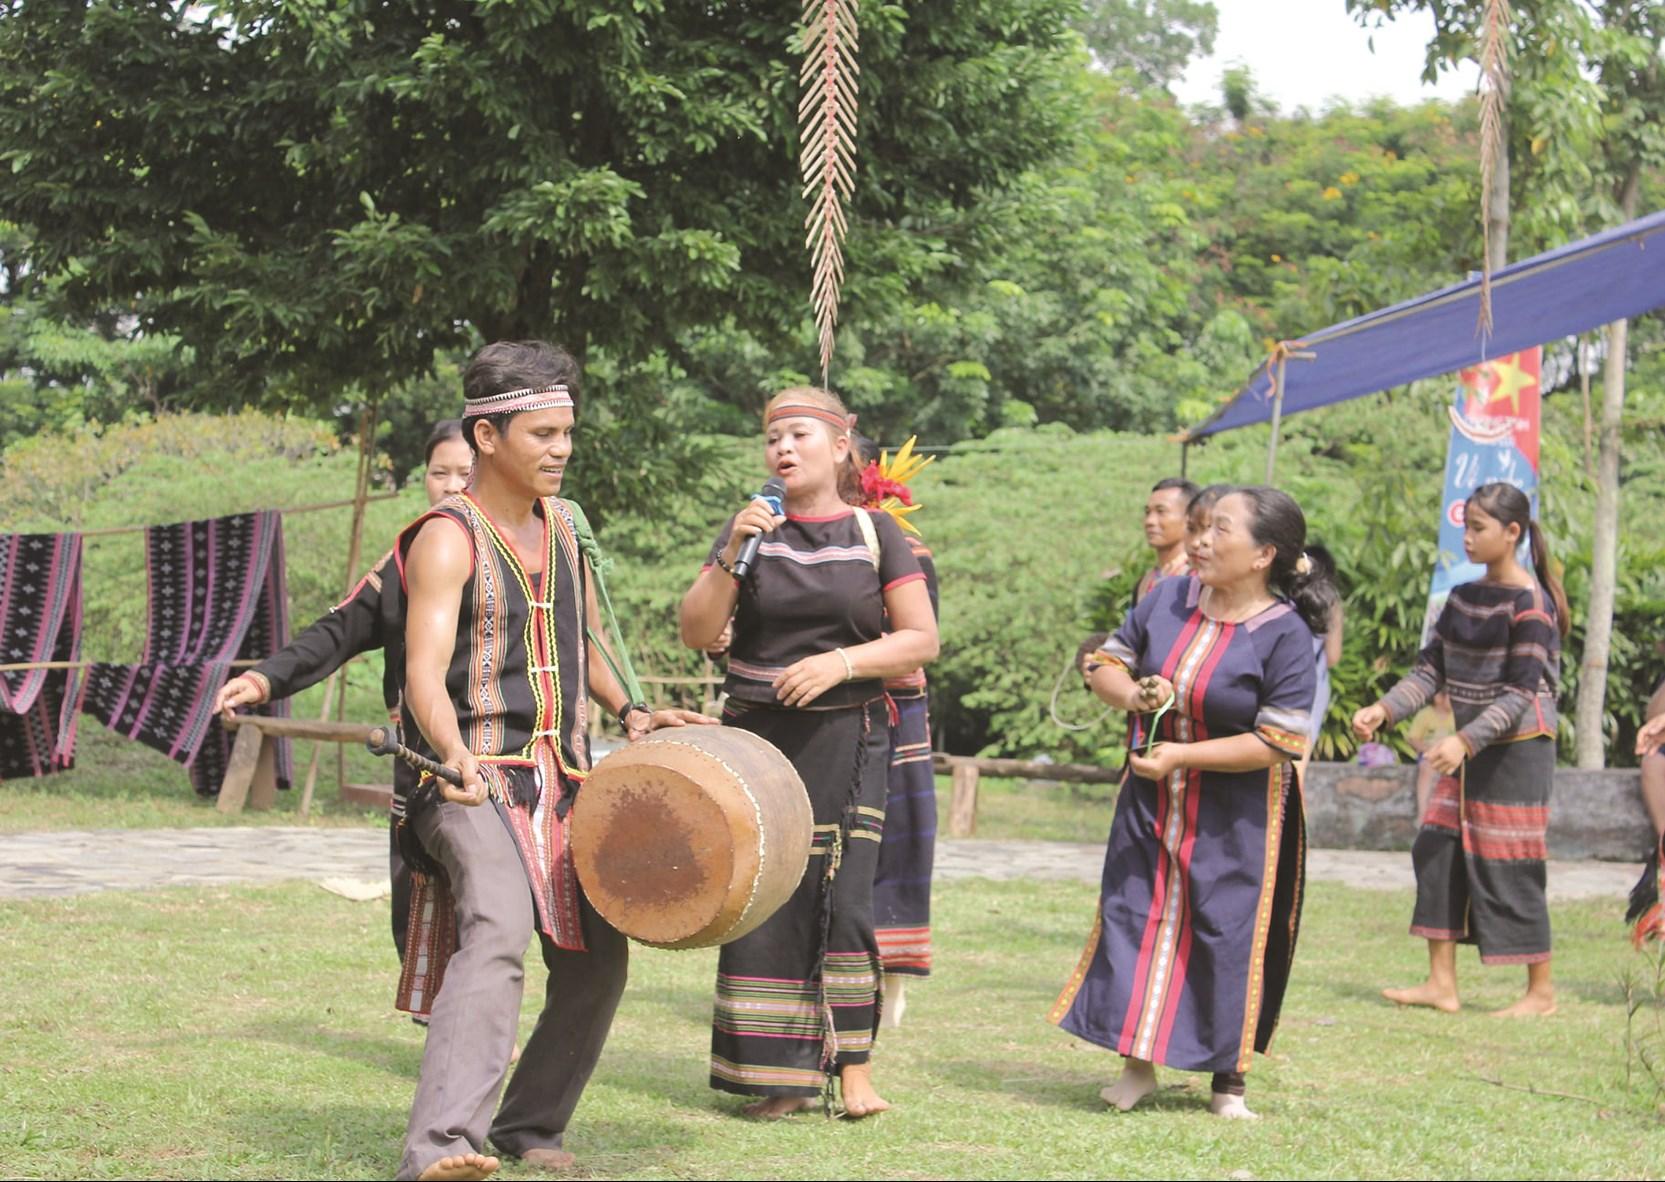 Bảo tồn và phát huy những giá trị của âm nhạc Tây Nguyên cũng chính là bảo tồn bản sắc văn hóa dân tộc.